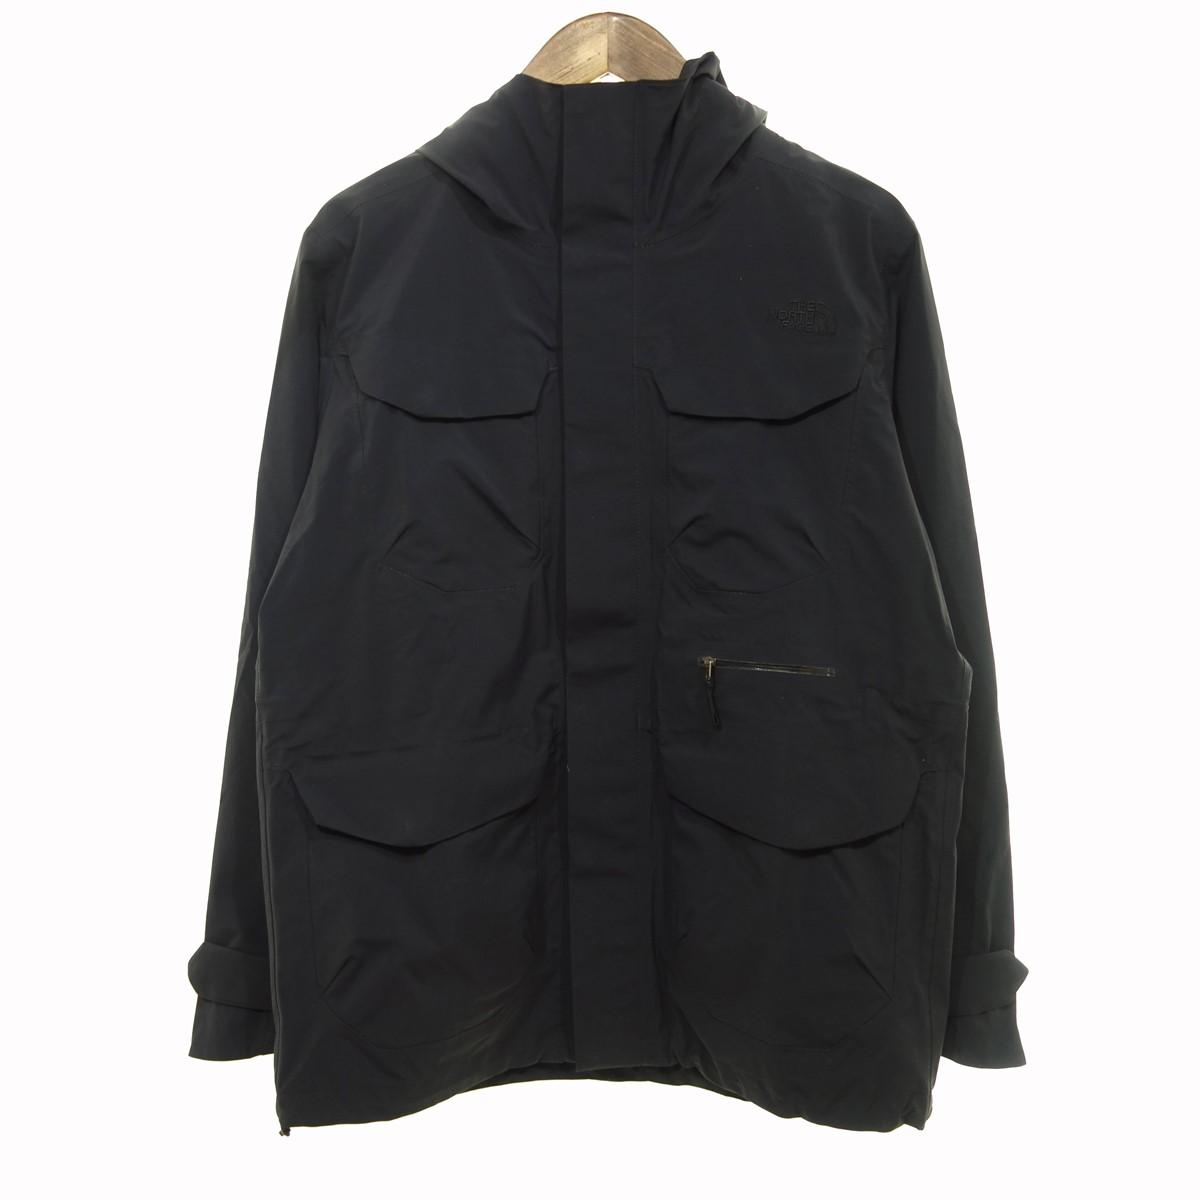 【中古】THE NORTH FACE Panther Jacket パンサージャケット NP61409 ブラック サイズ:M 【300520】(ザノースフェイス)